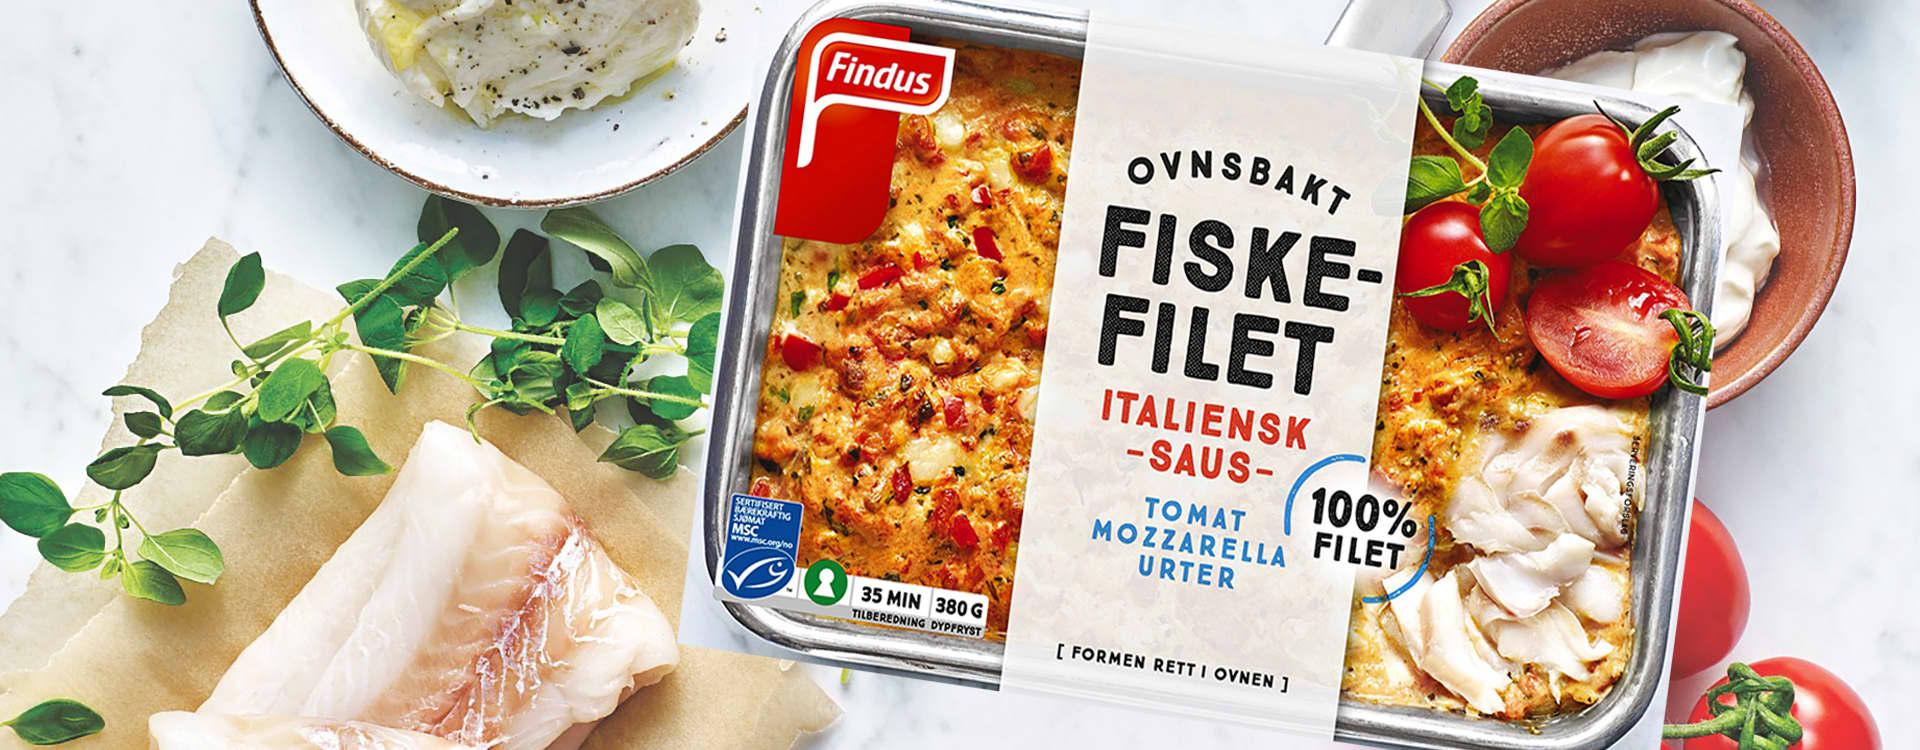 Ovnsbakt fiskefilet med italiensk saus fra Findus består av 100 prosent ren fiskefilet.